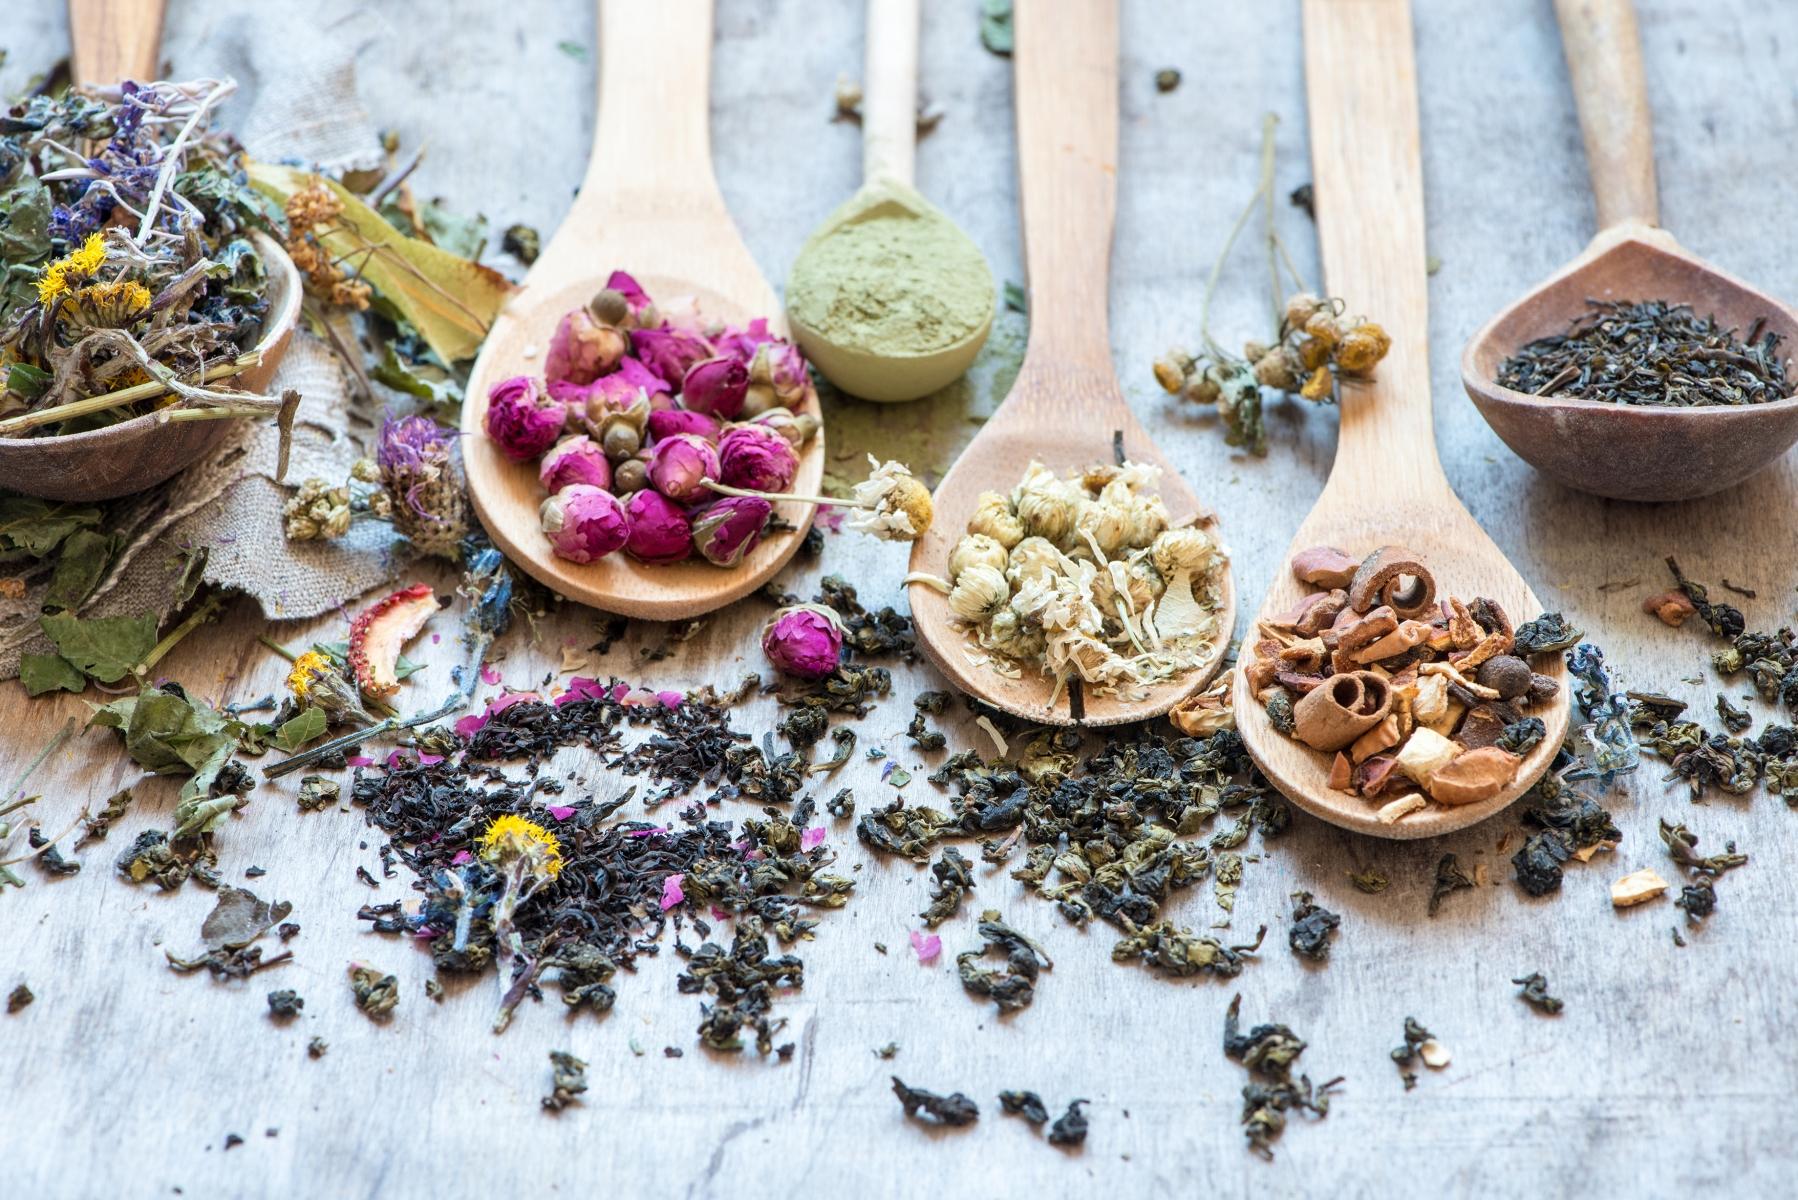 Herbs-Natural-Wellness-M